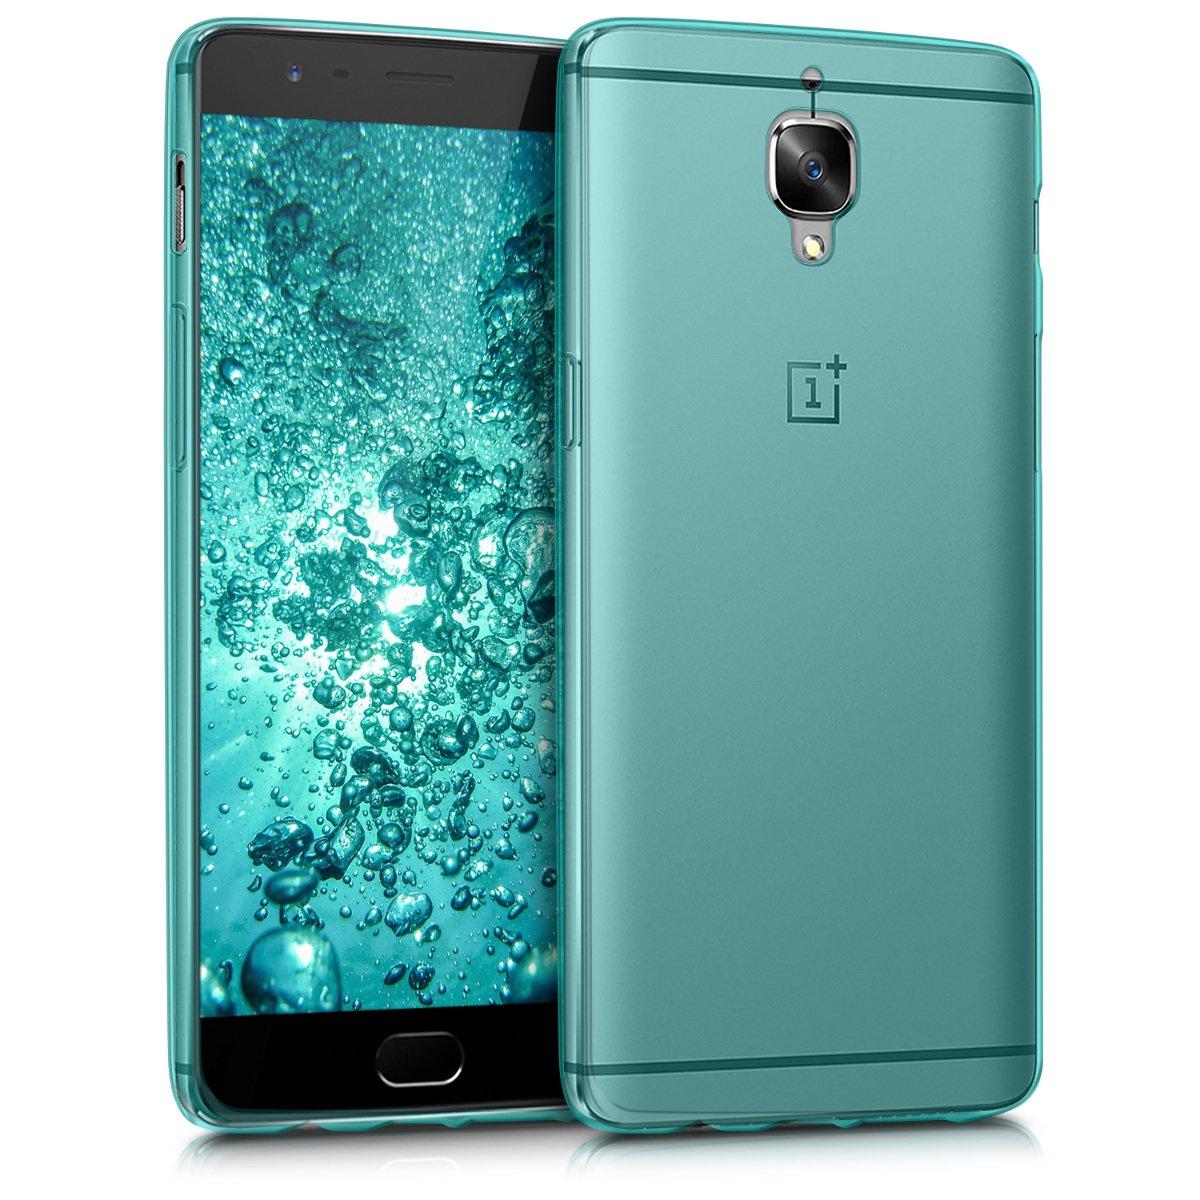 kwmobile Funda para OnePlus 3 / 3T - Carcasa Protectora de [TPU] para móvil - Cover [Trasero] en [Azul]